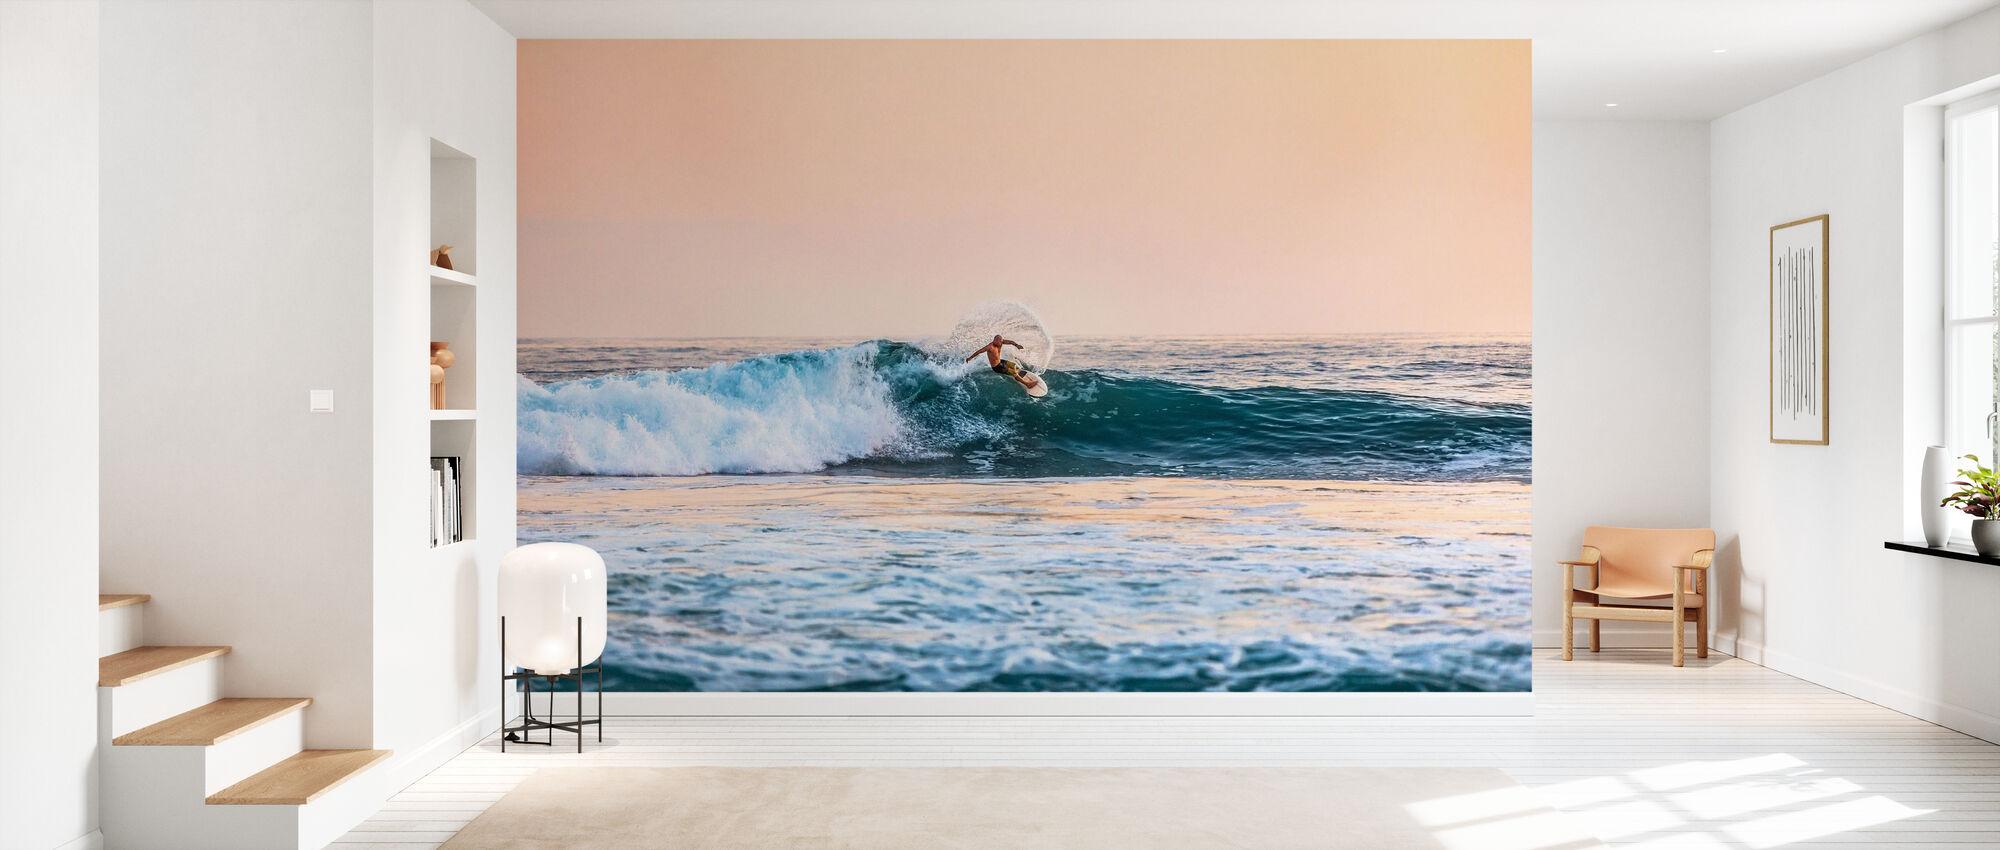 Surfing - Wallpaper - Hallway